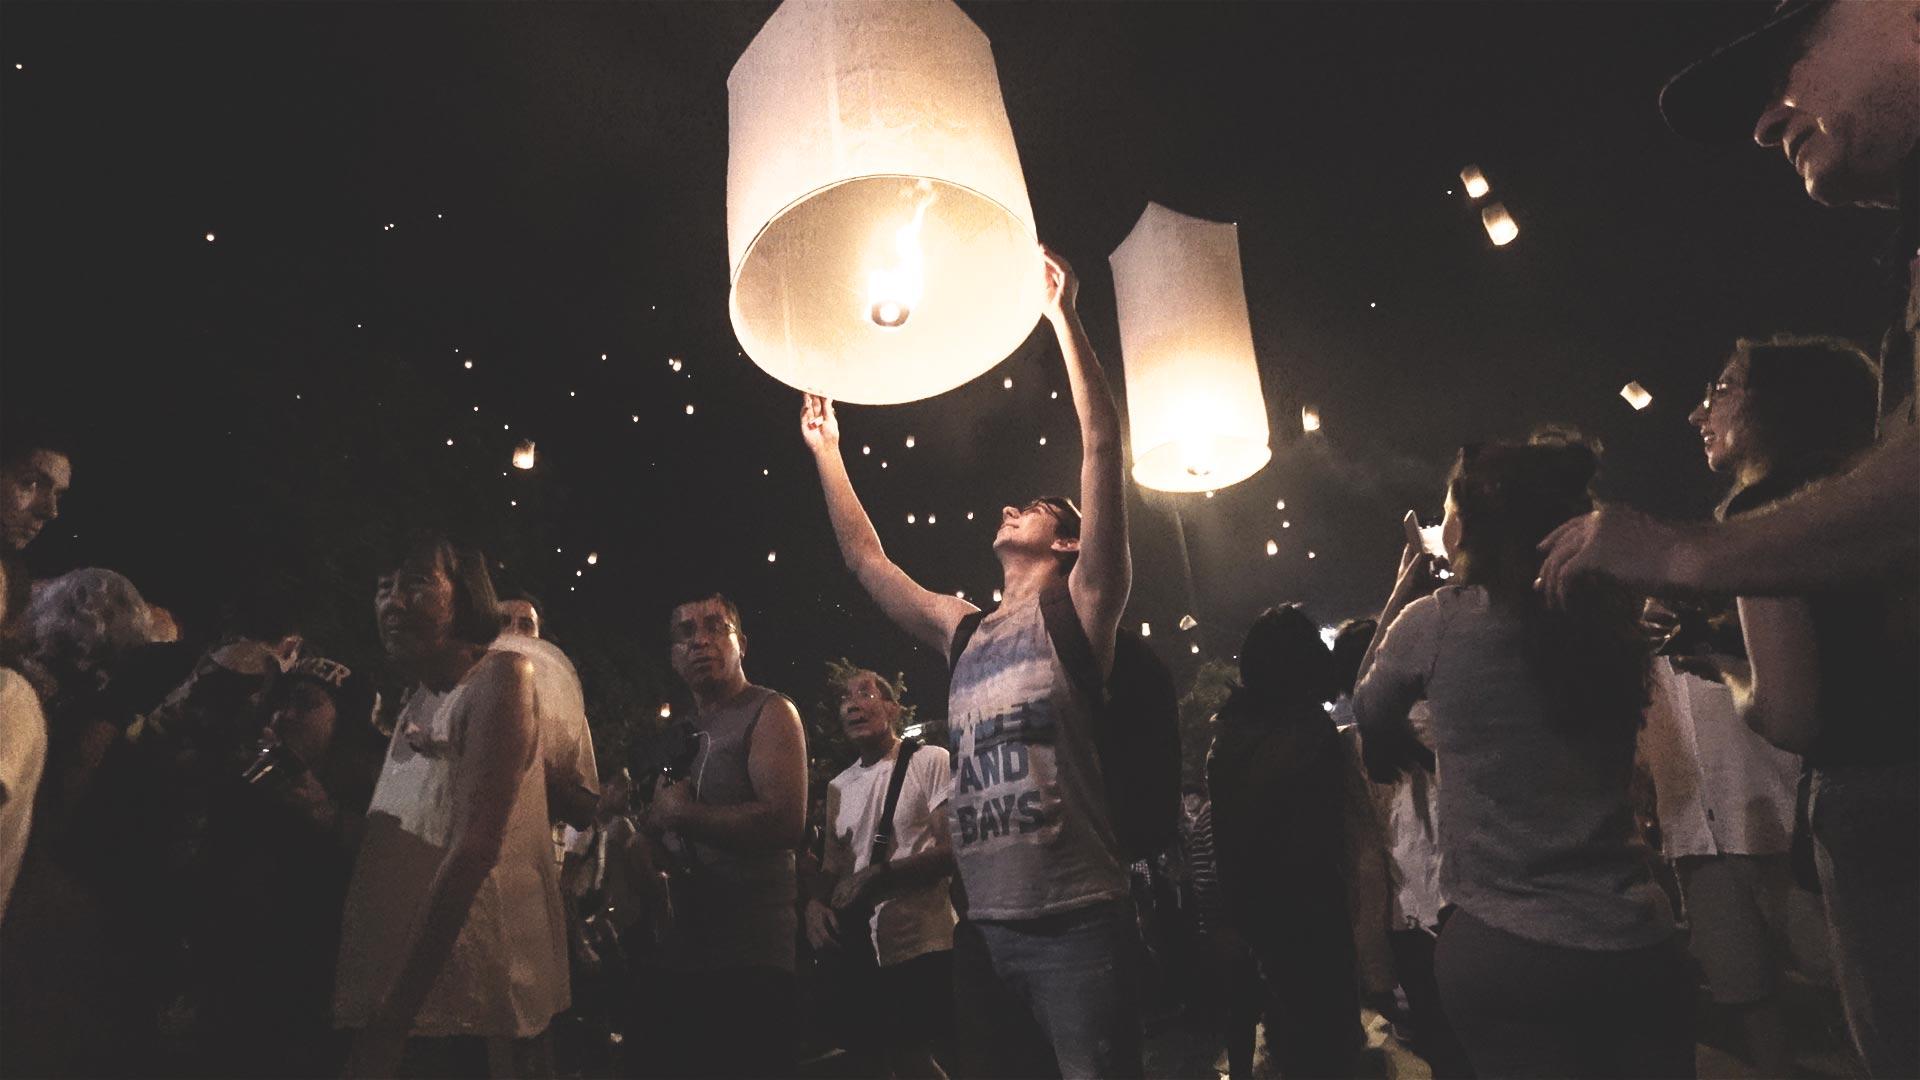 Yee Peng Festival in Chiang Mai - Valentin mit einer Laterne kurz vor dem Aufstieg